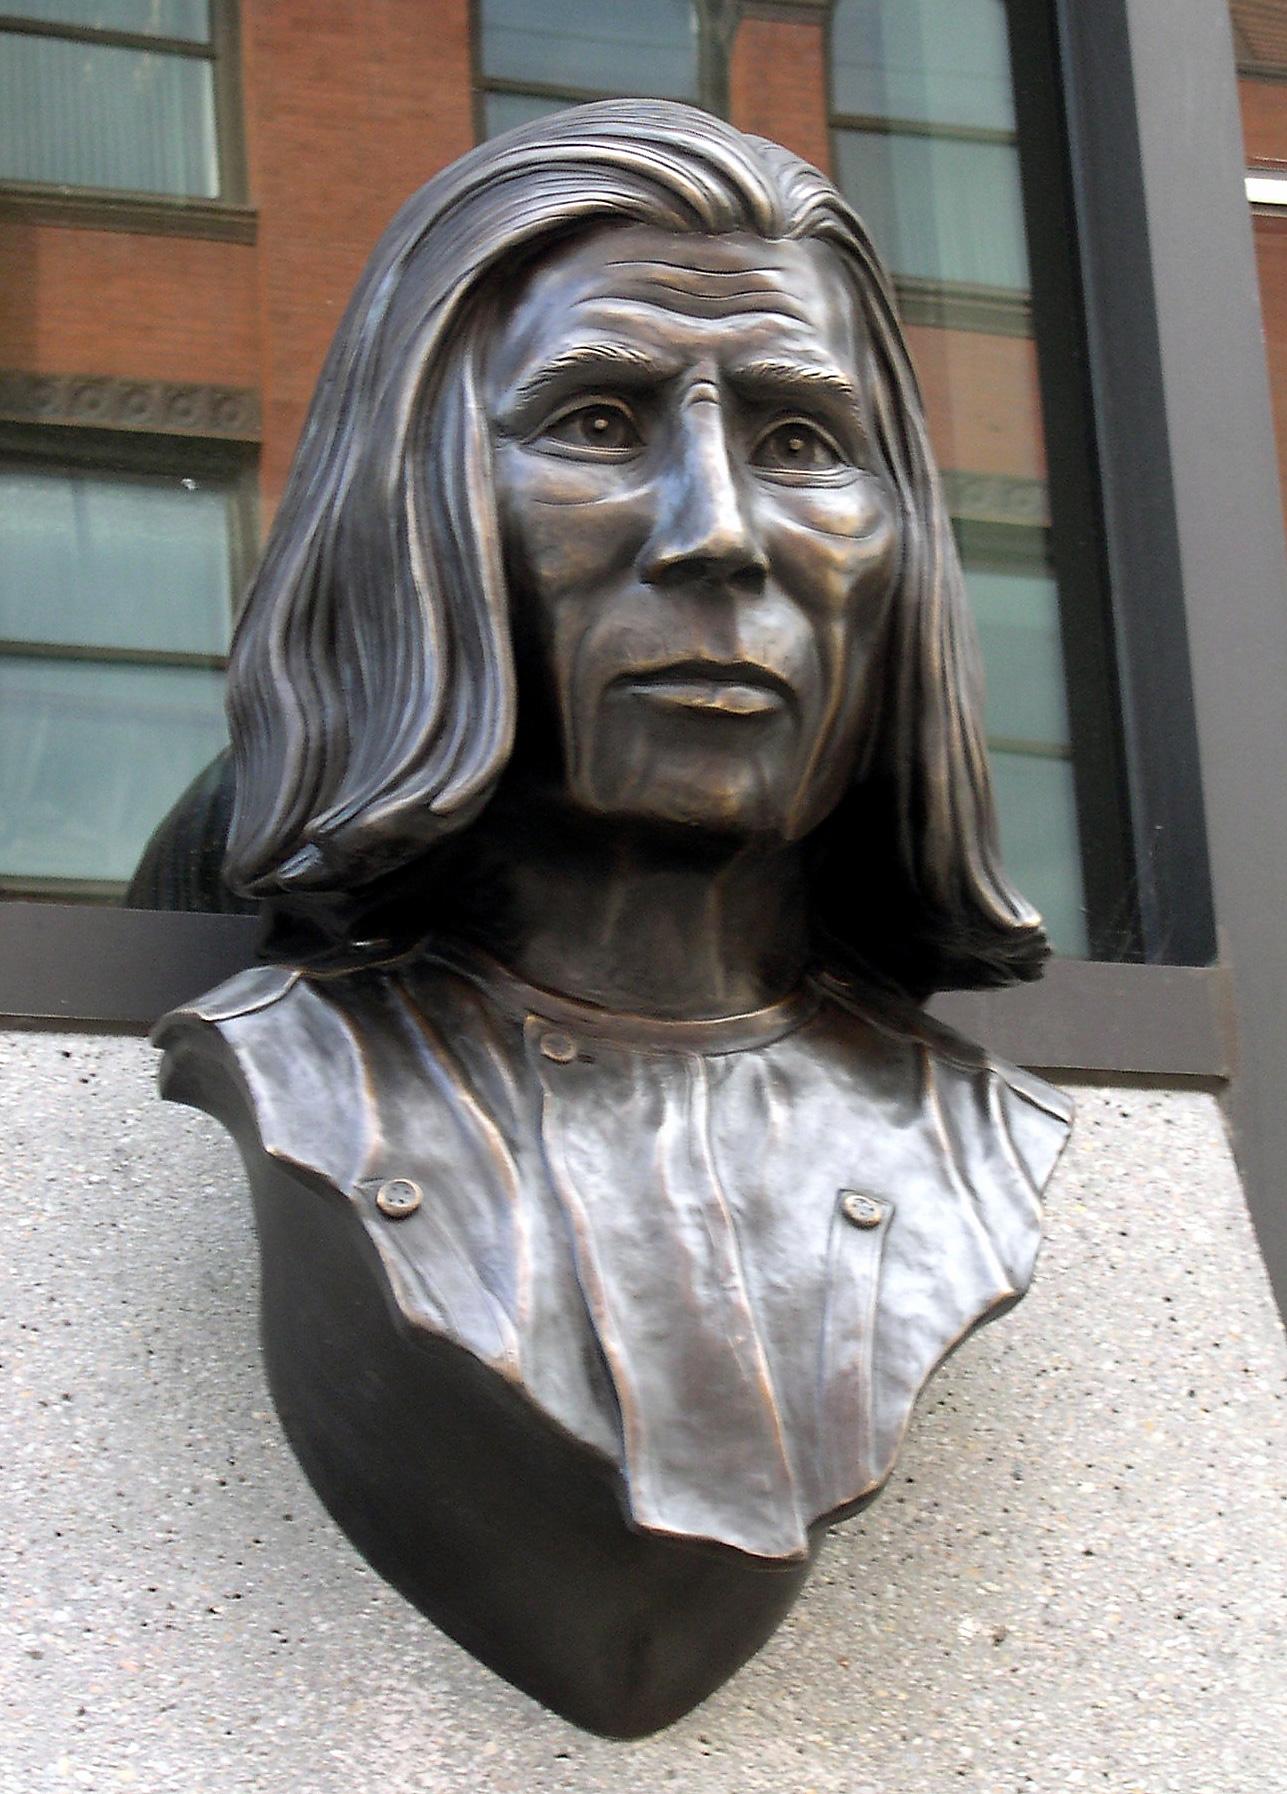 Chief Spokane Garry